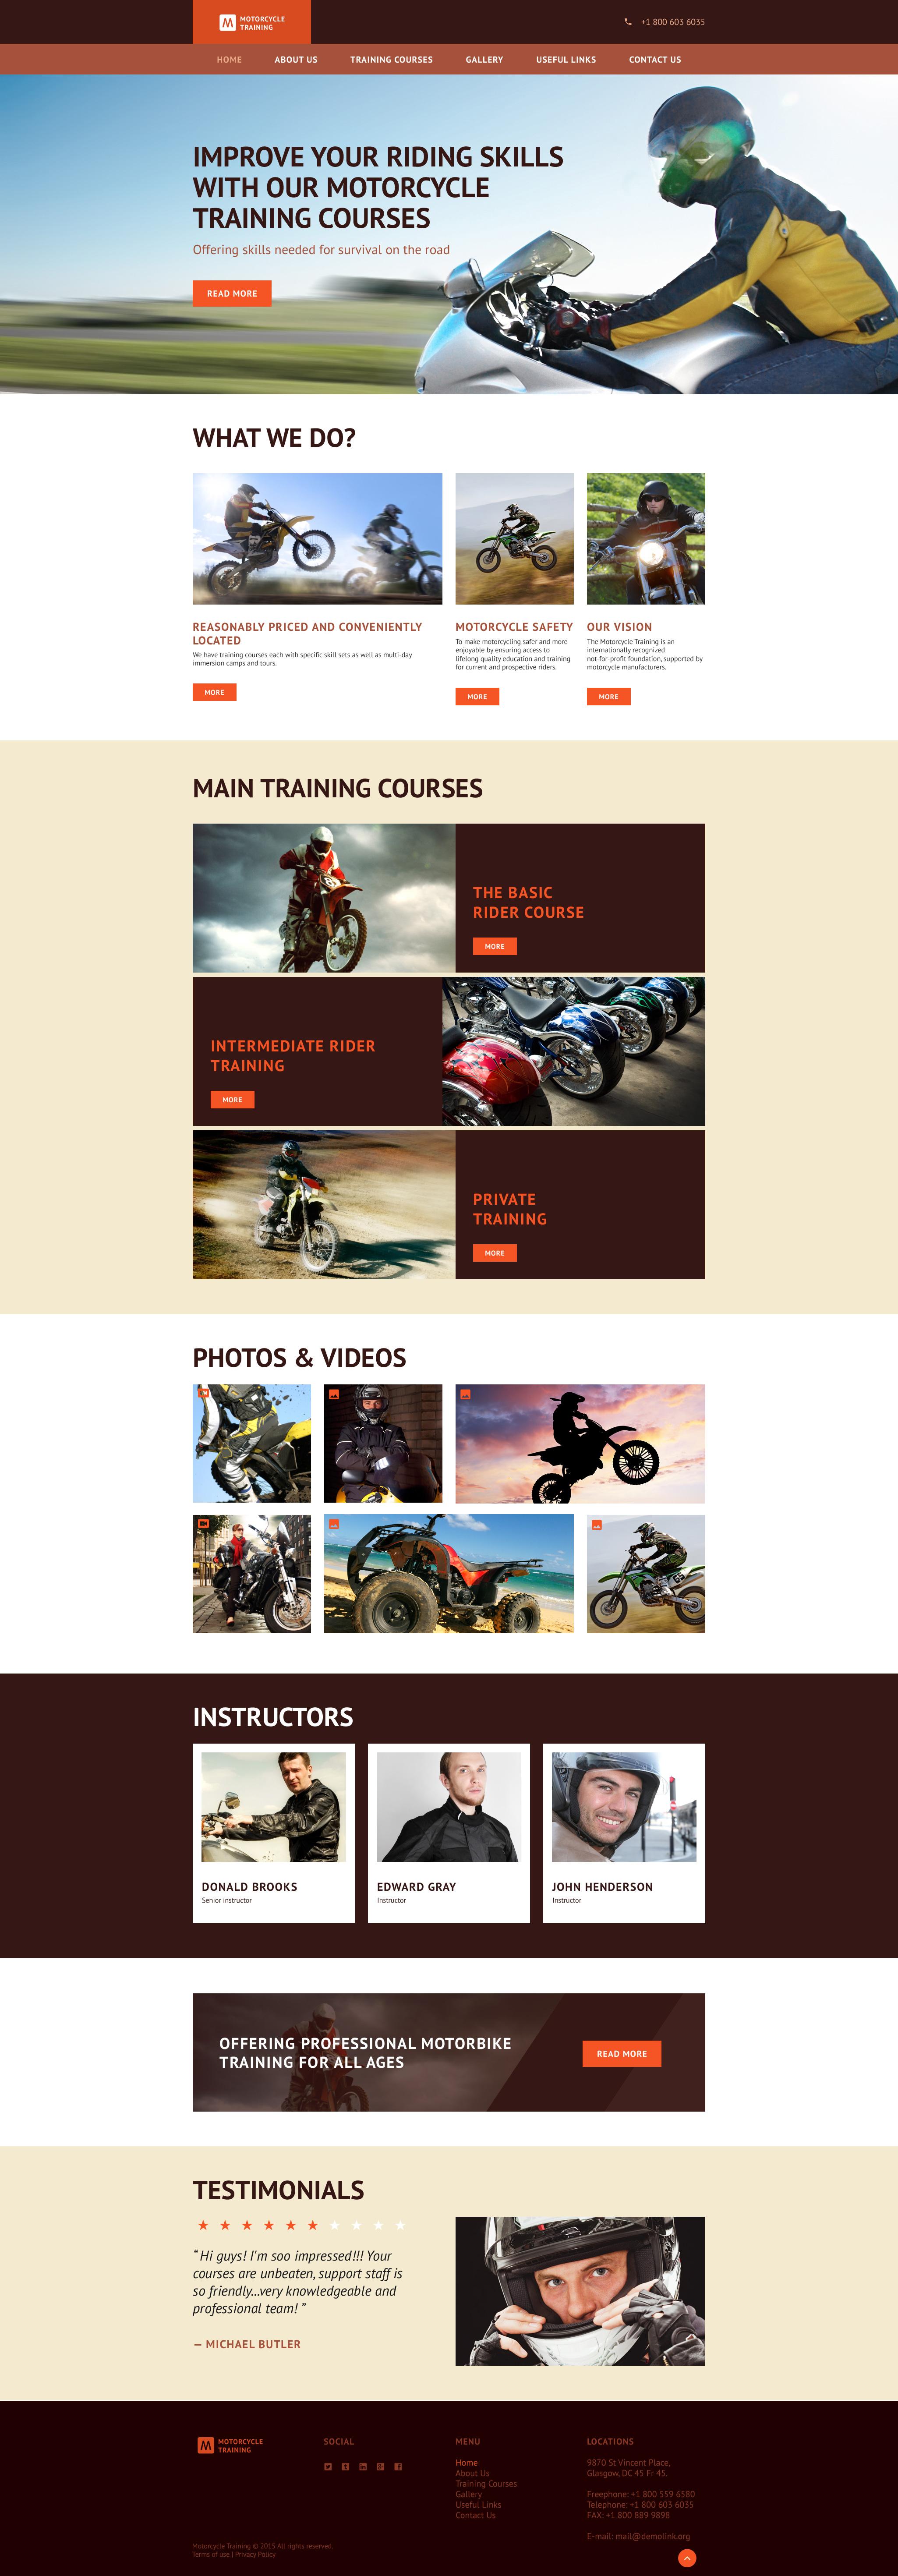 Responsywny szablon strony www Motorcycle Training #55948 - zrzut ekranu